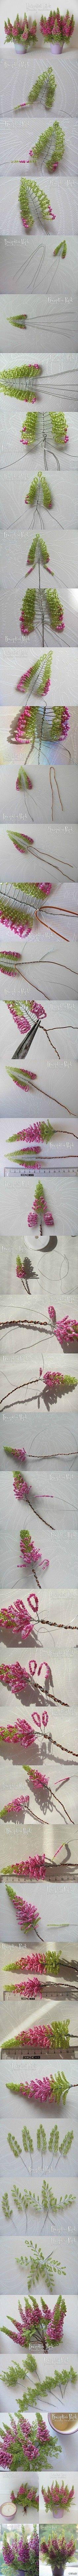 Blumen mit Perlen und Draht herstellen